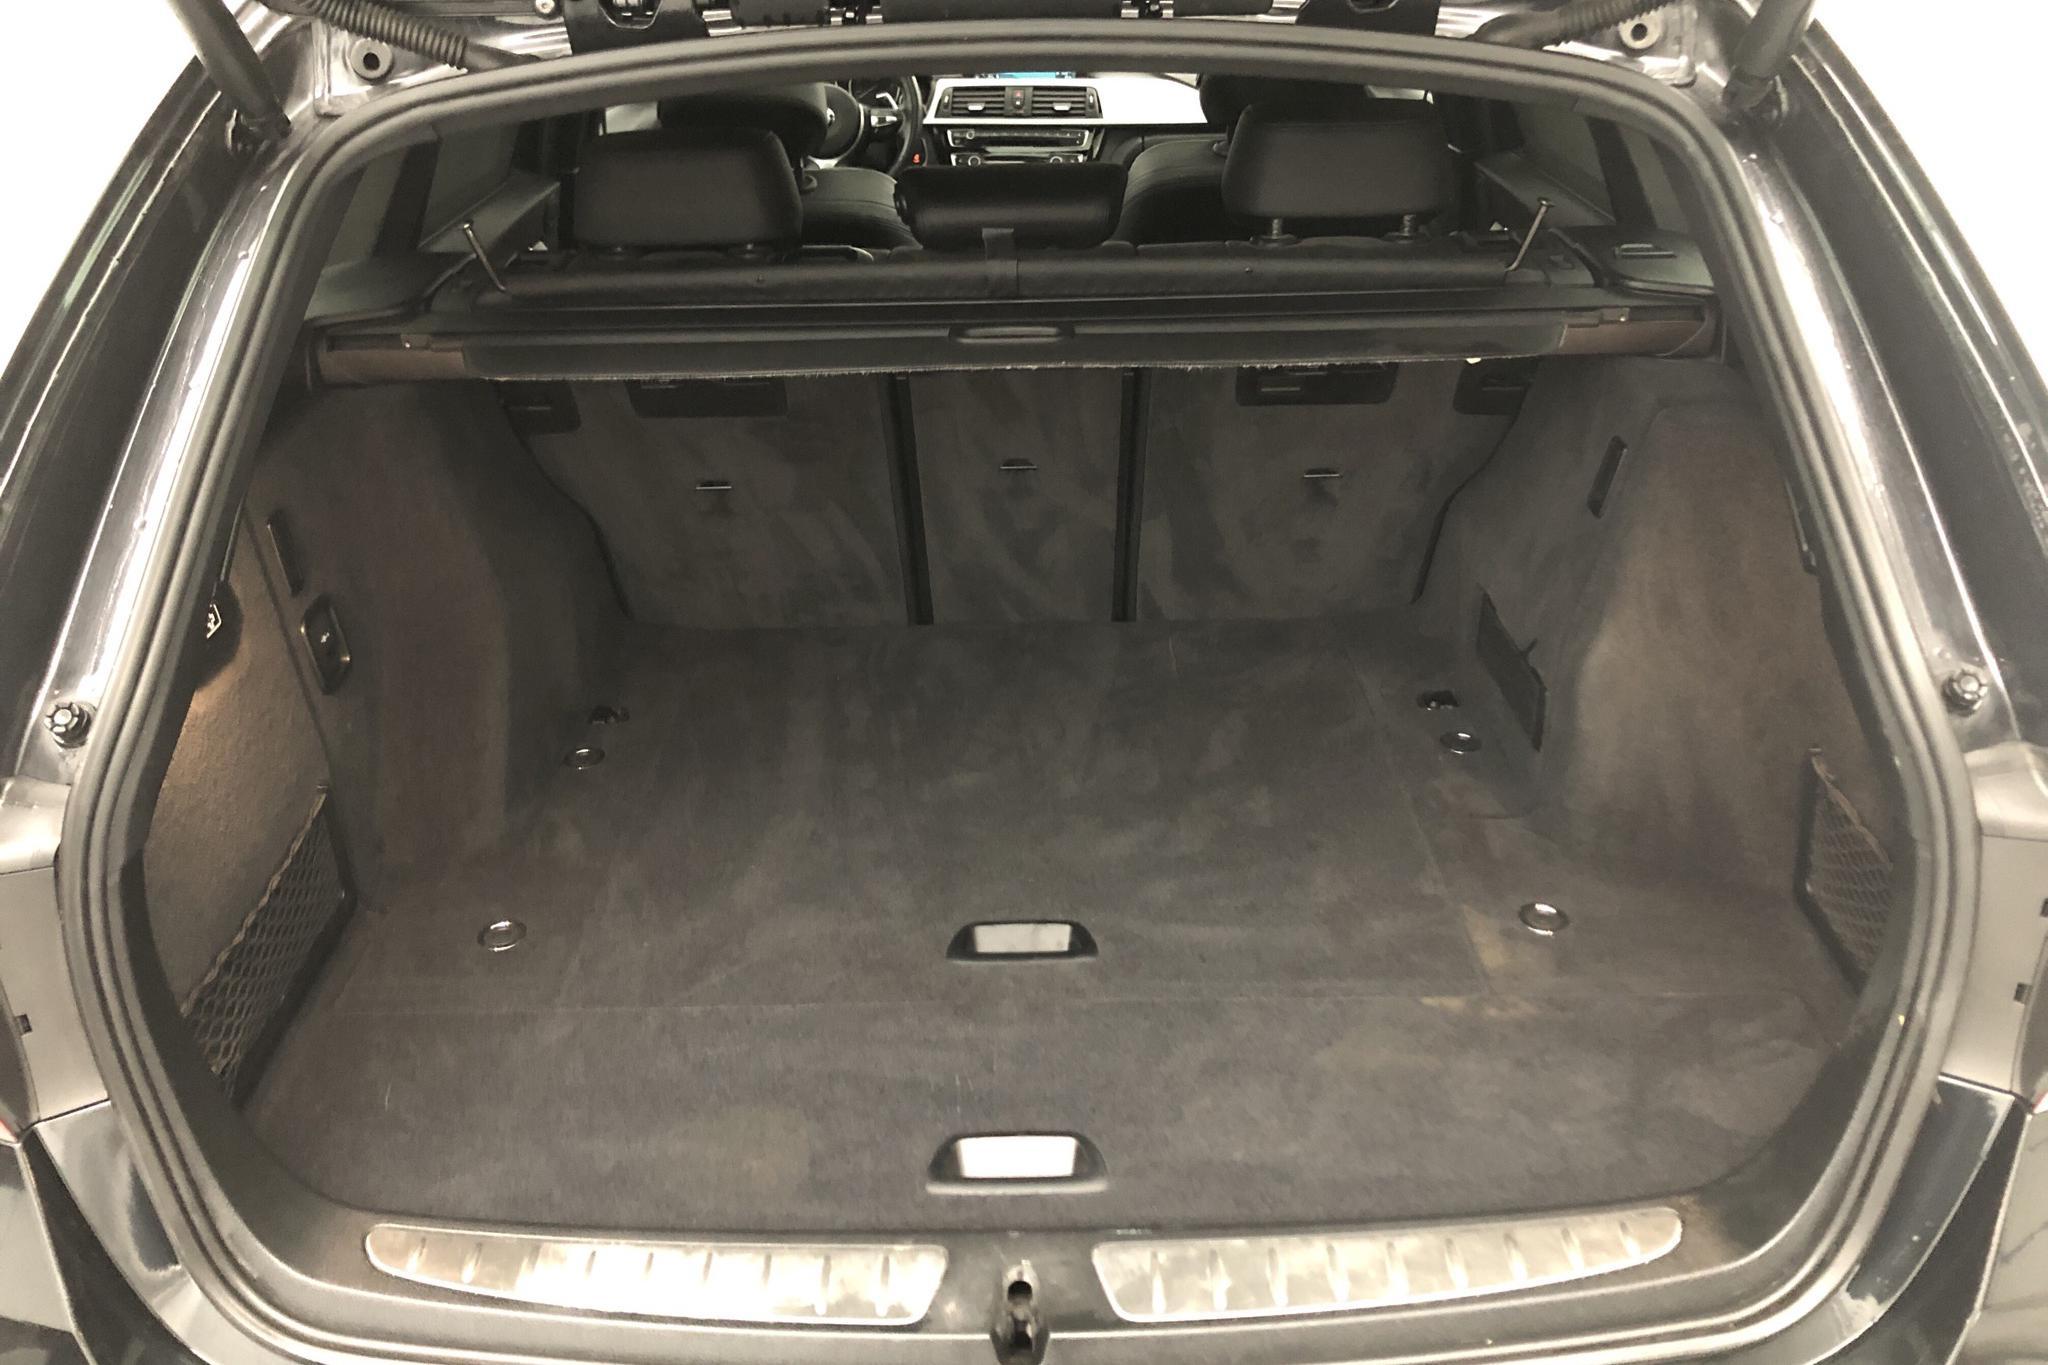 BMW 320d xDrive Touring, F31 (190hk) - 67 990 km - Automatic - black - 2017